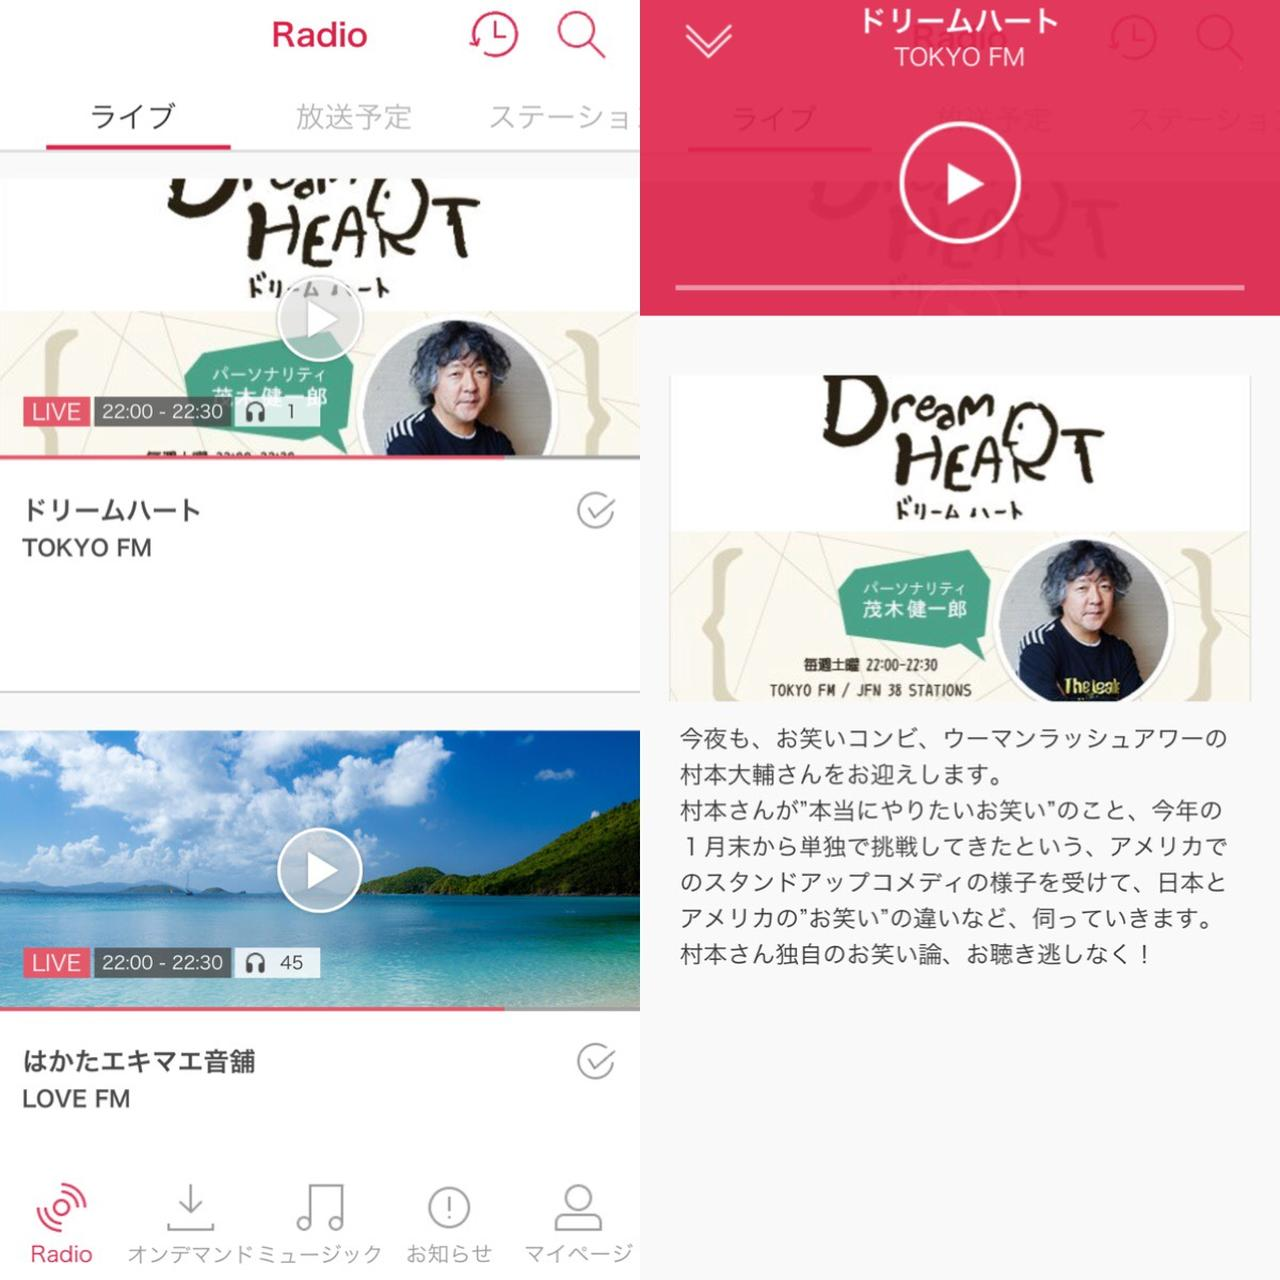 画像1: 今日はどこのFMを聴く?全国の番組が無料で聴き放題!